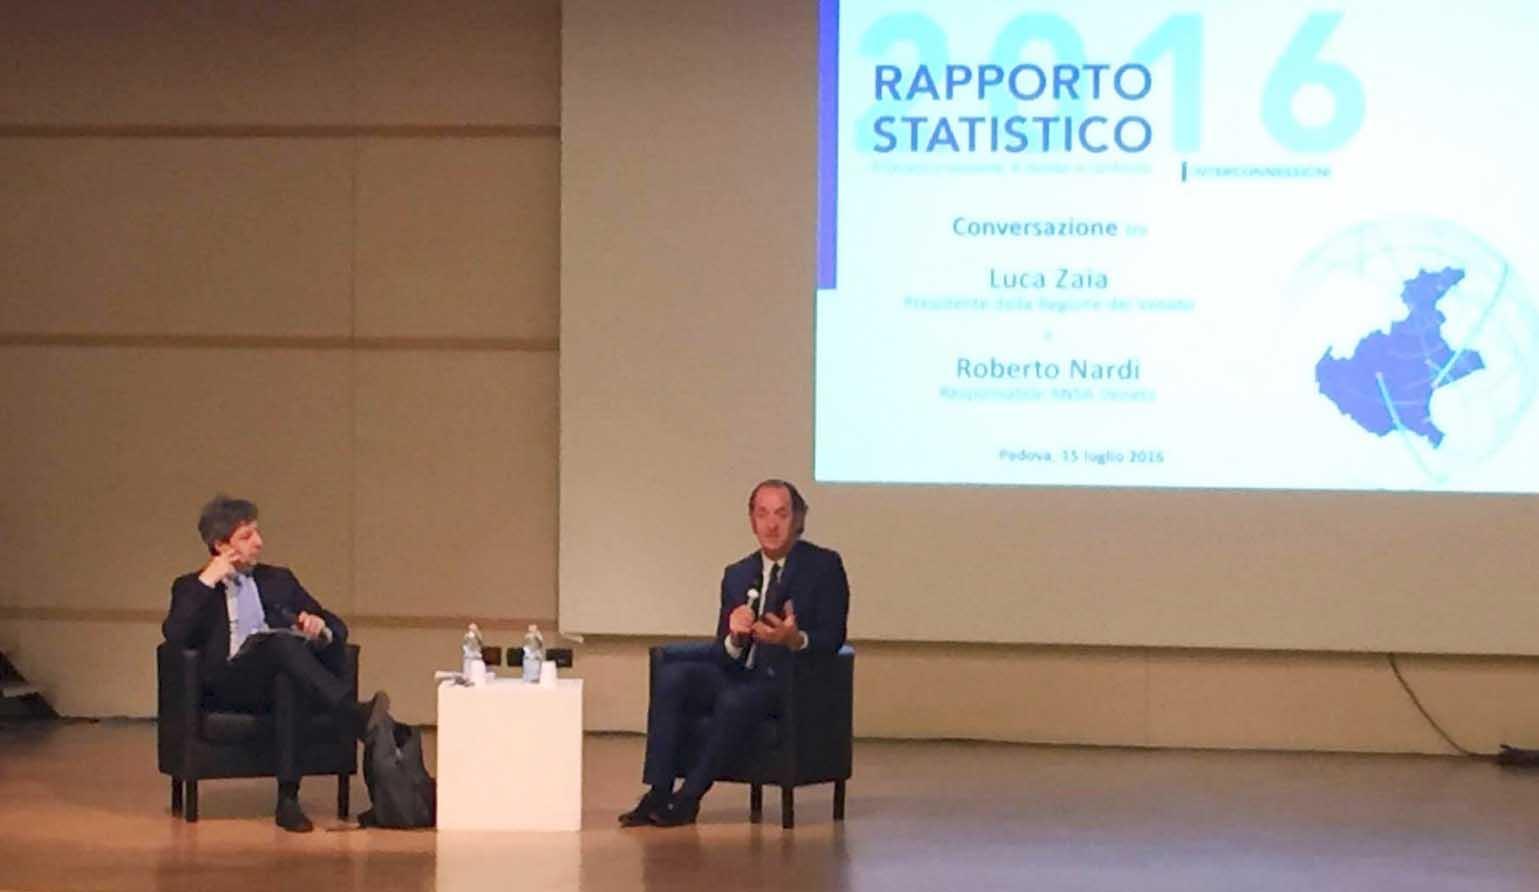 ZLuca zaia presentazione rapporto statistico 2016 veneto con roberto nardi